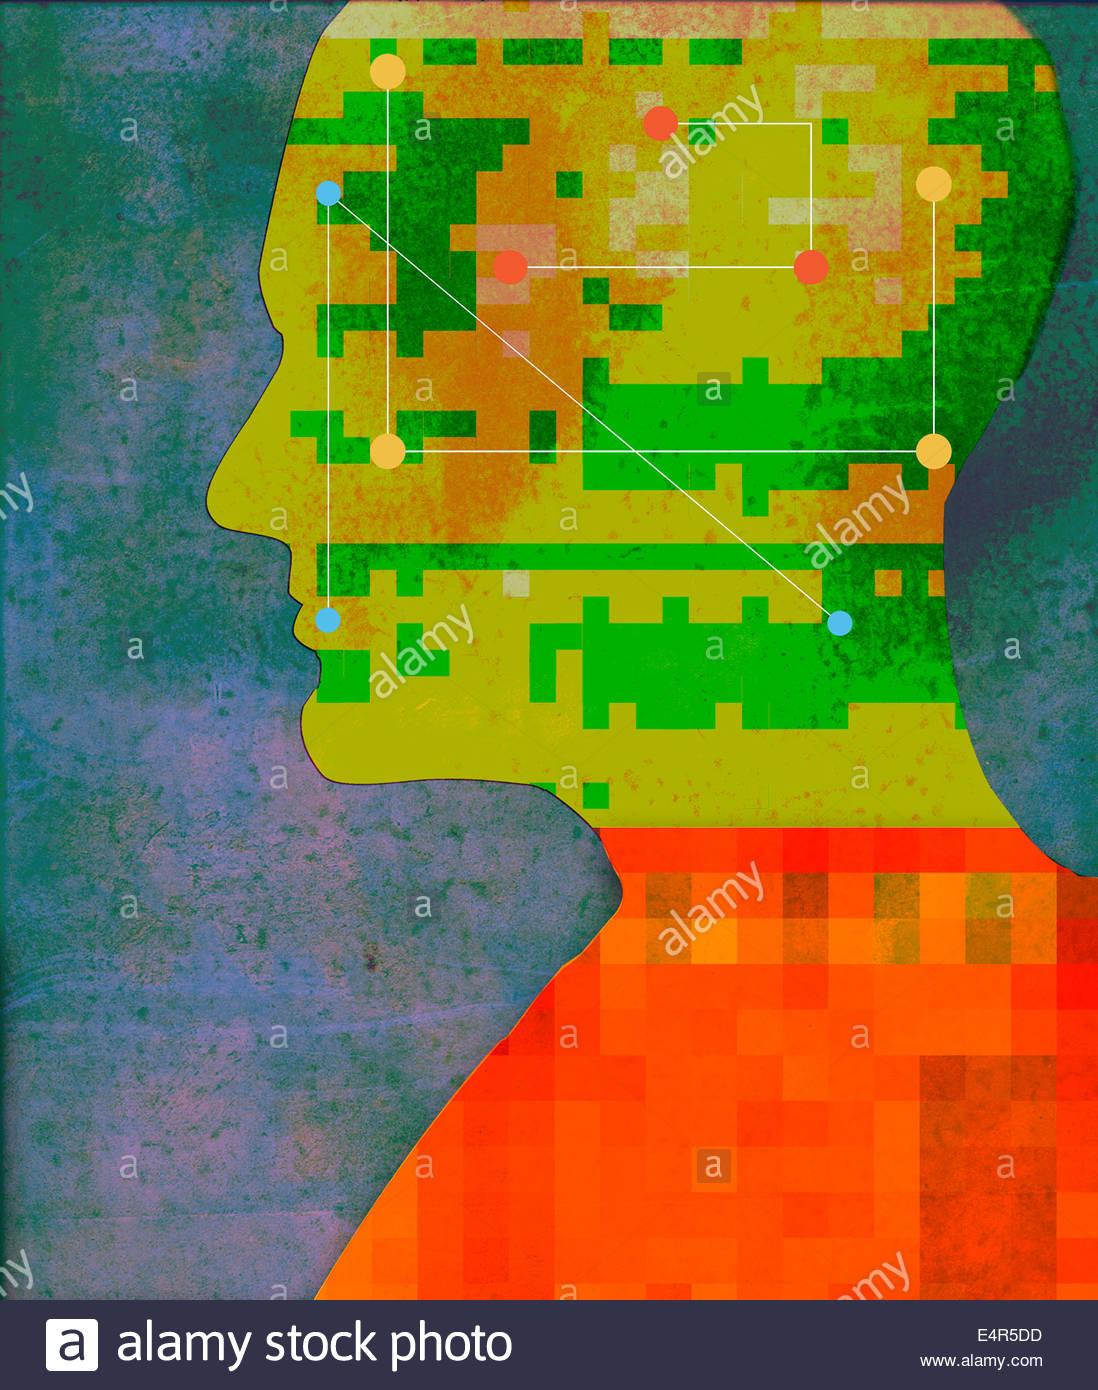 Kreise und Linien verbinden in den Männern den Kopf Stockbild